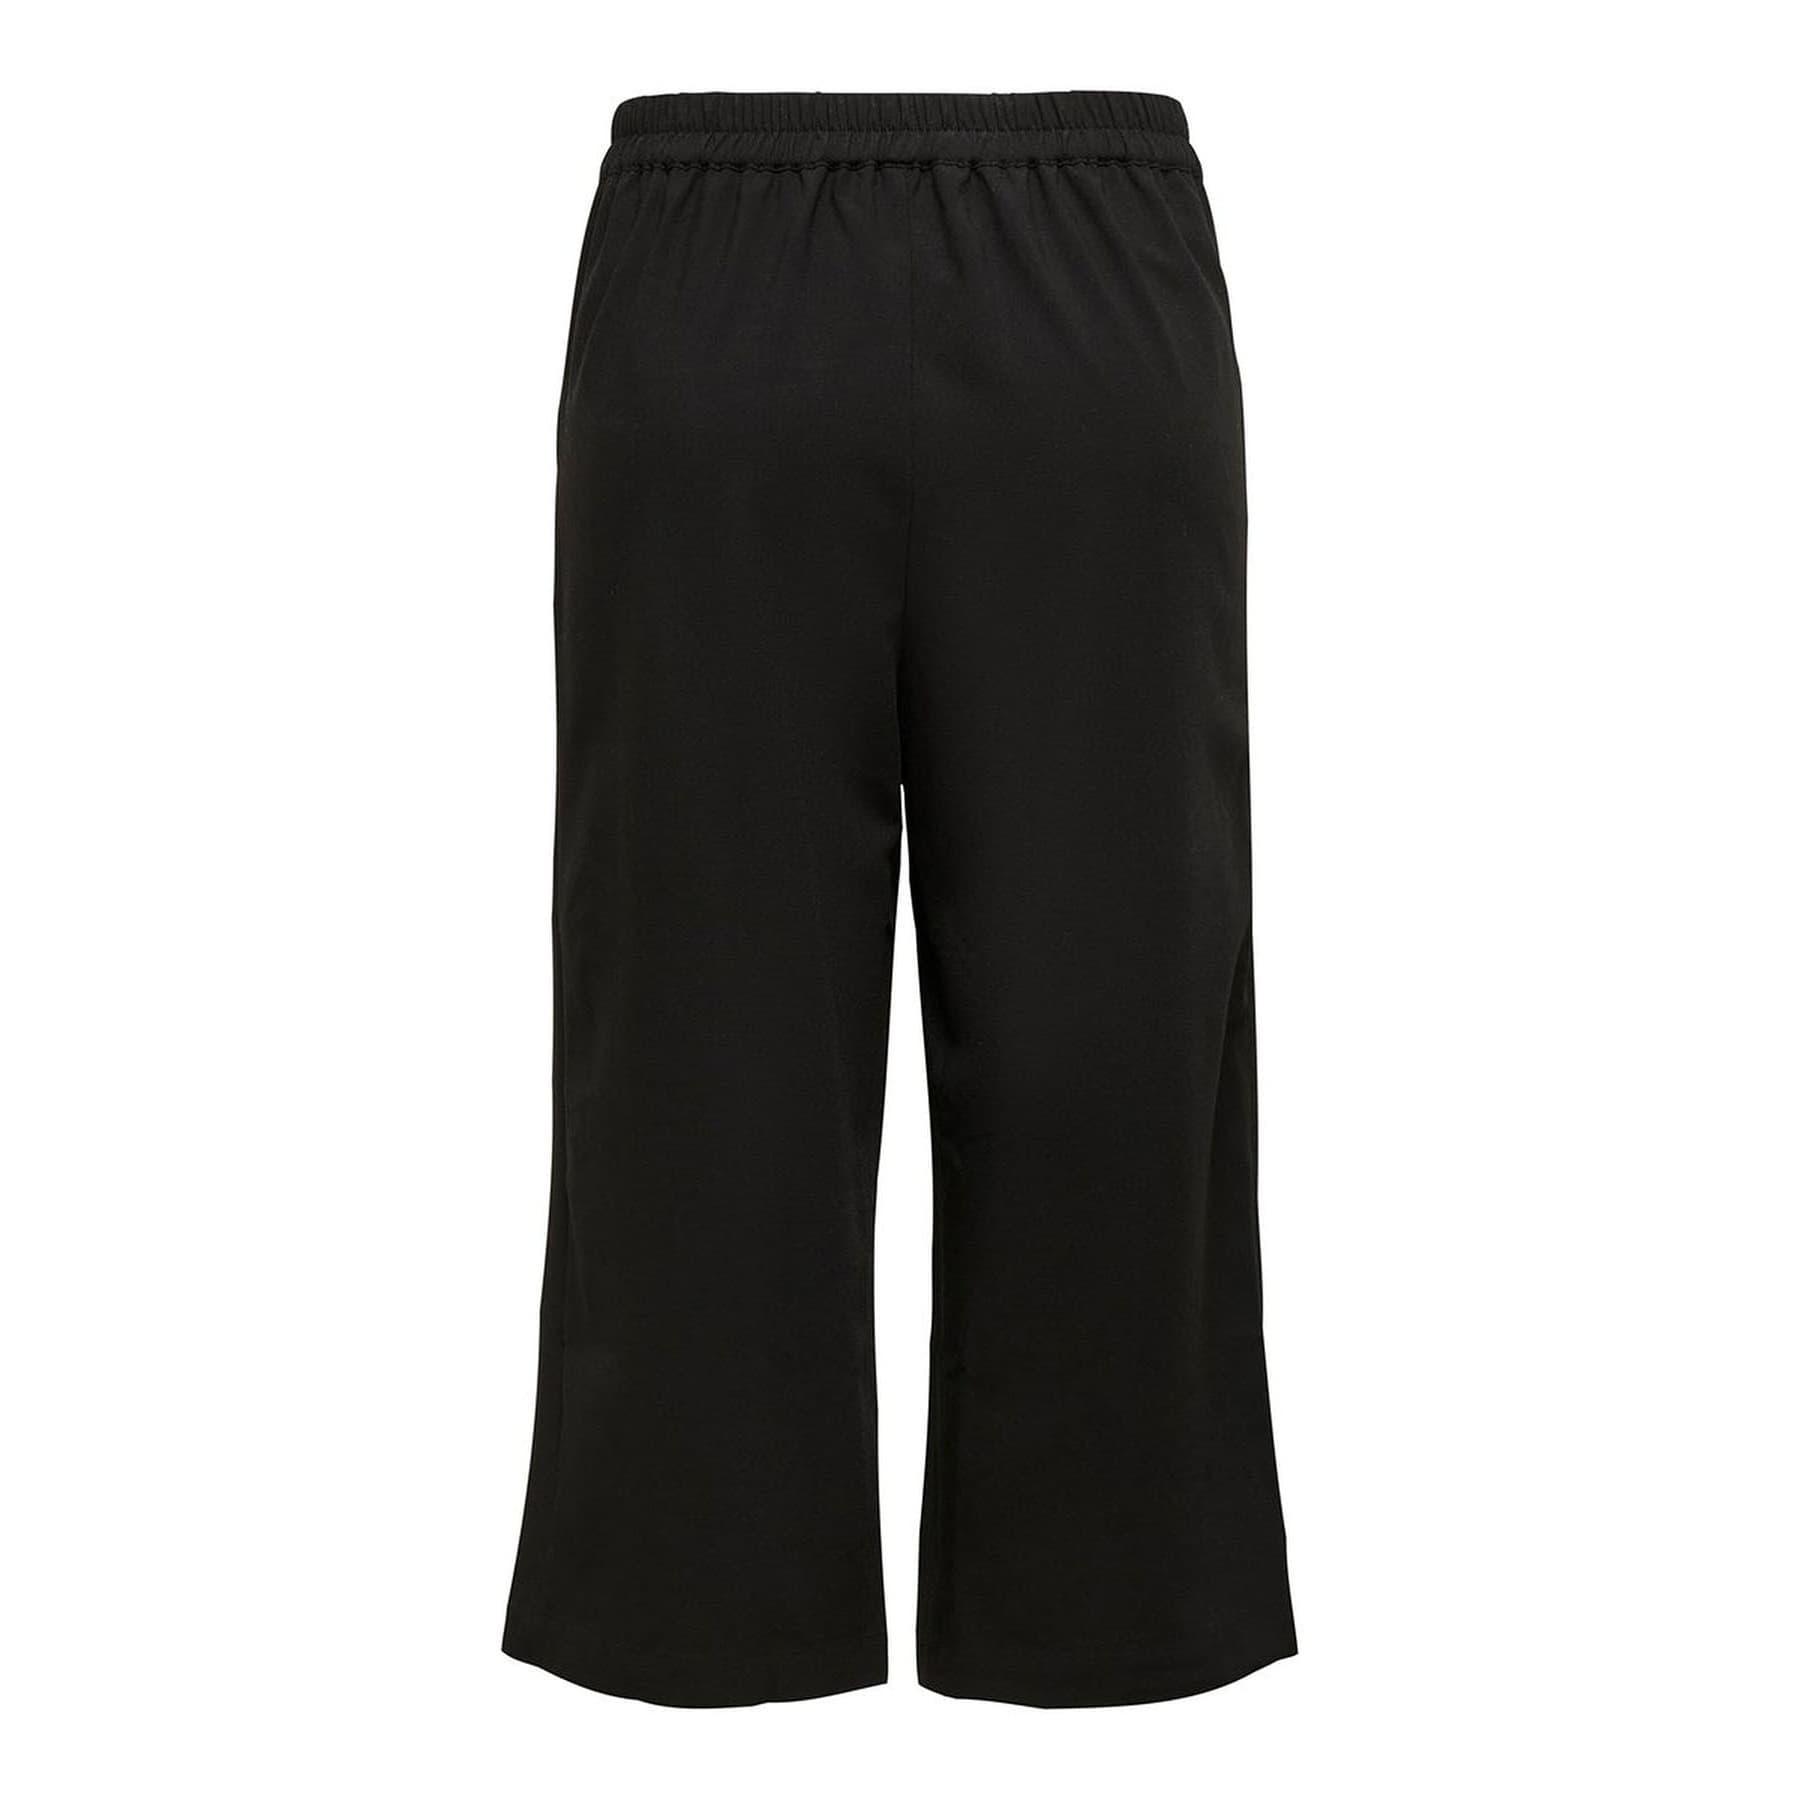 Onlcaisa Culotte Pants Wvn Noos